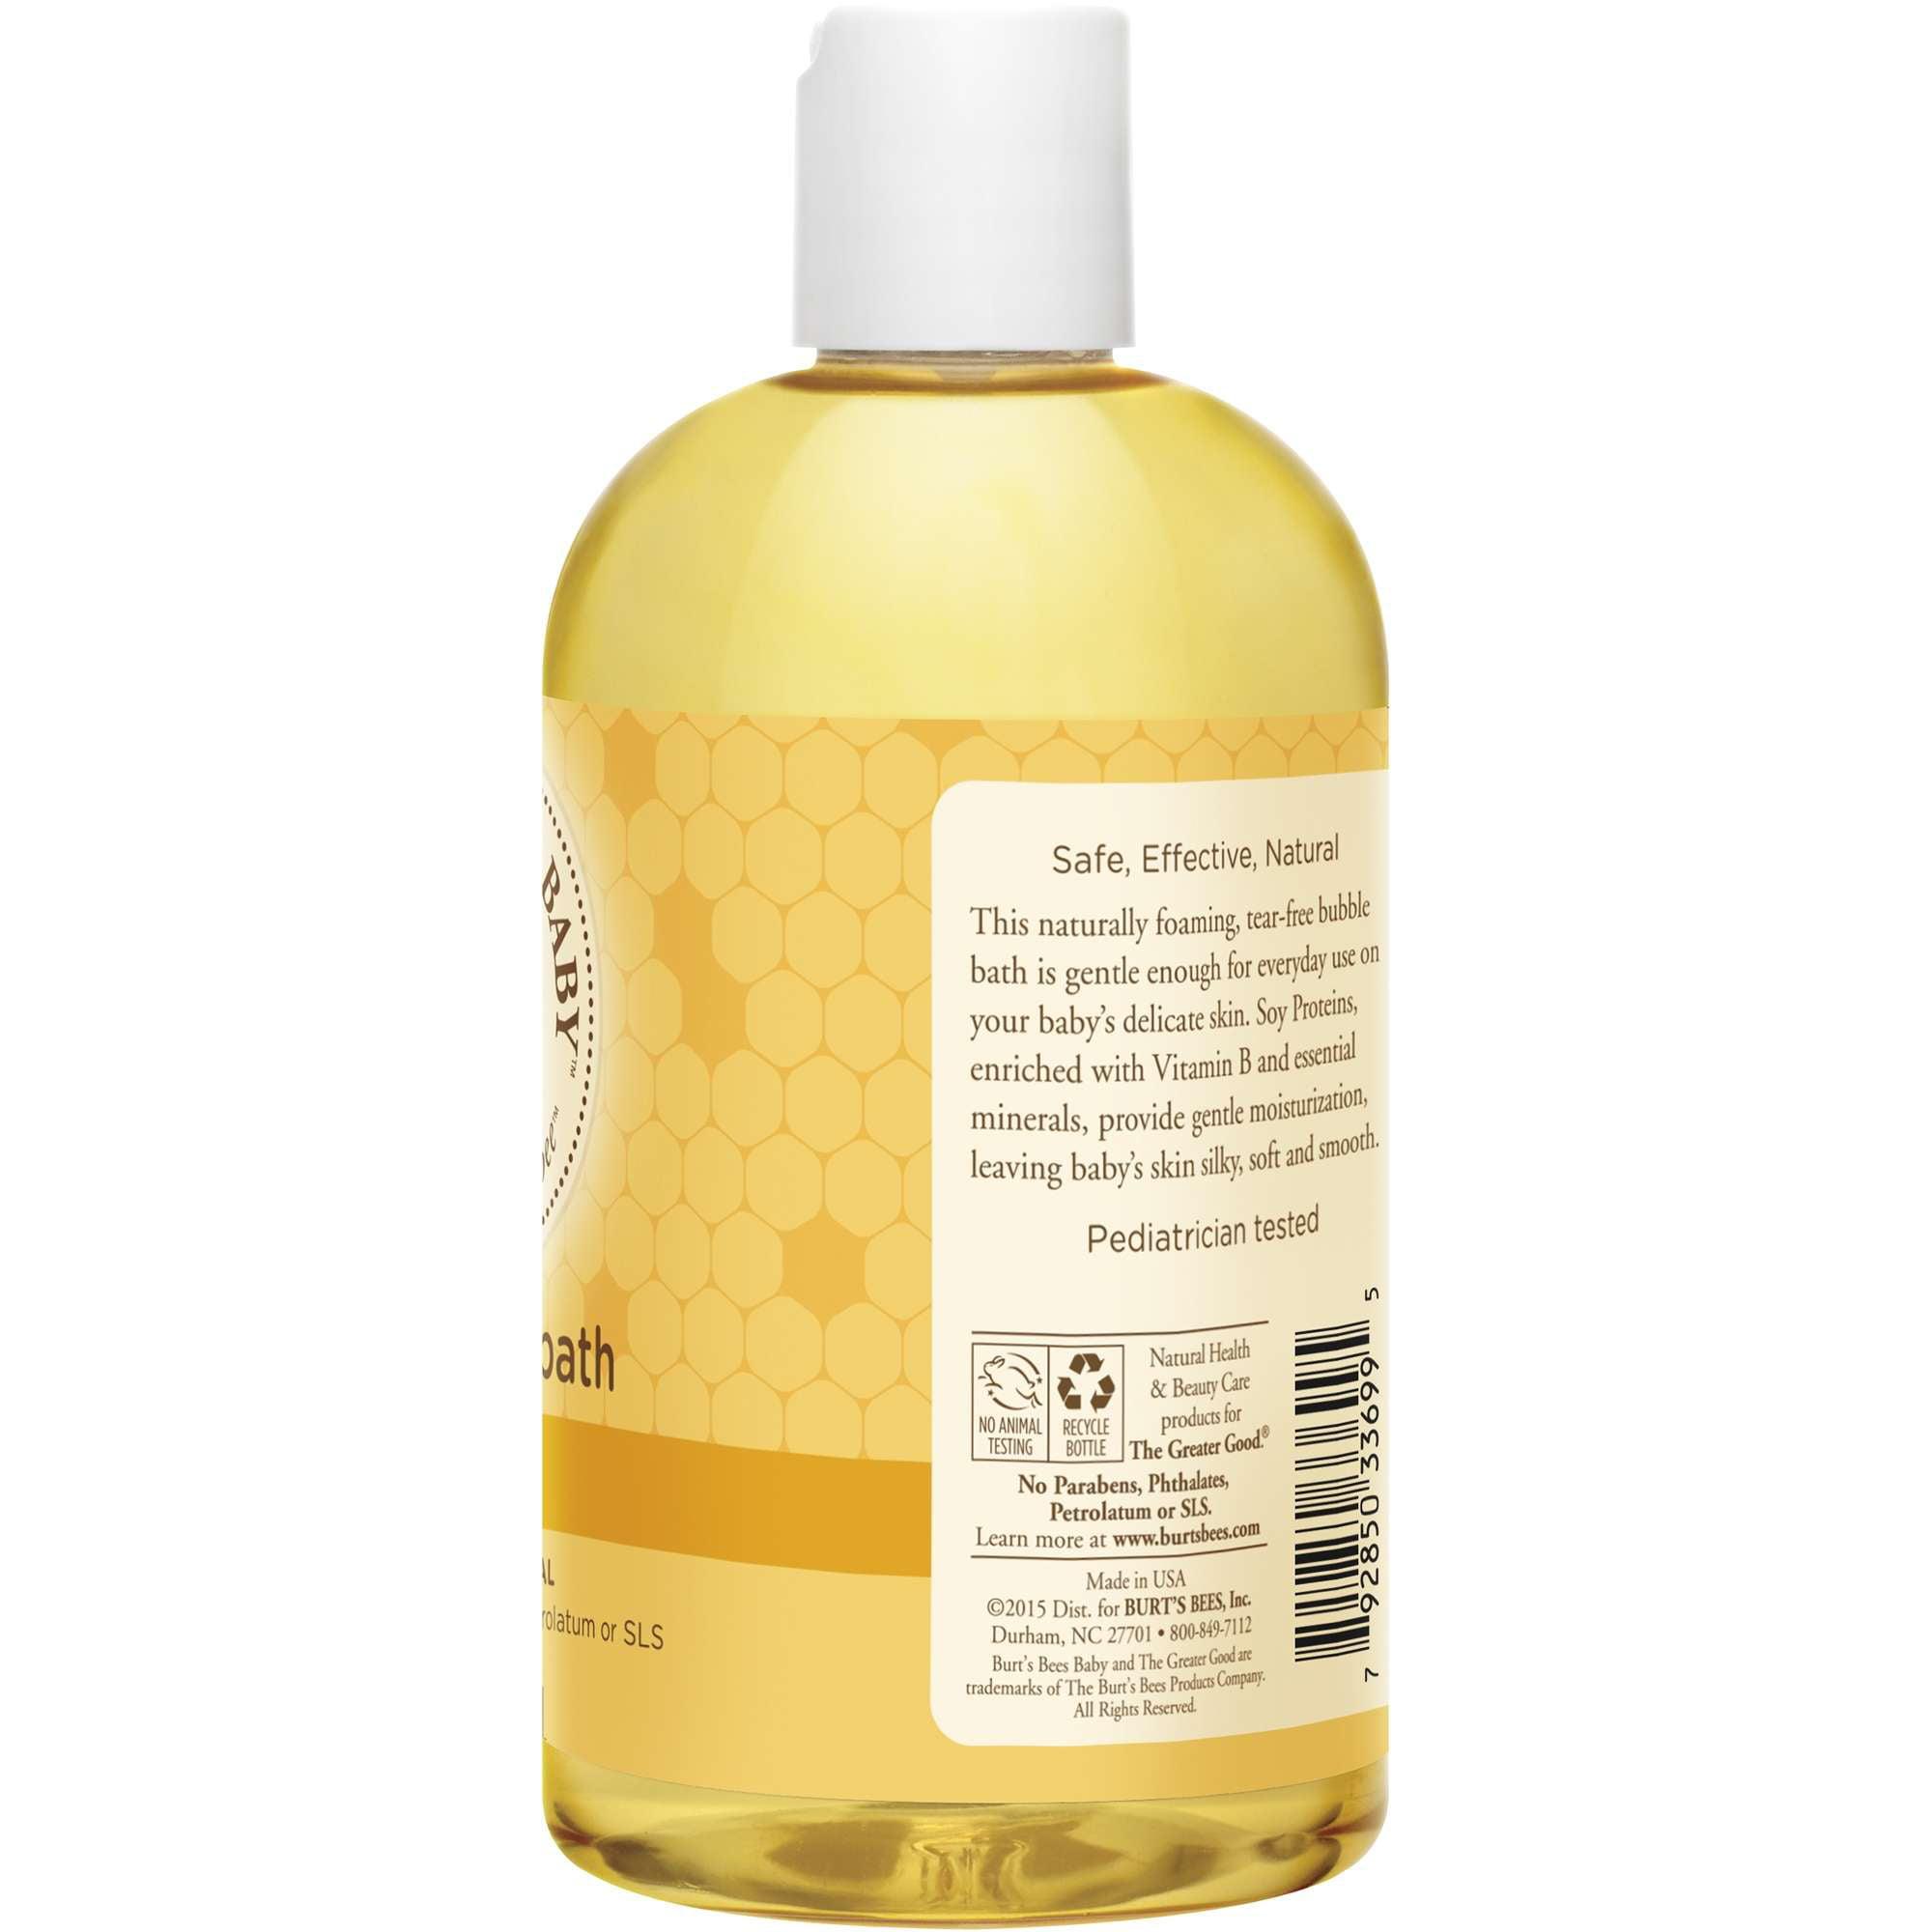 Burt's Bees Mama Bee Body Oil with Vitamin E - image 1 de 4